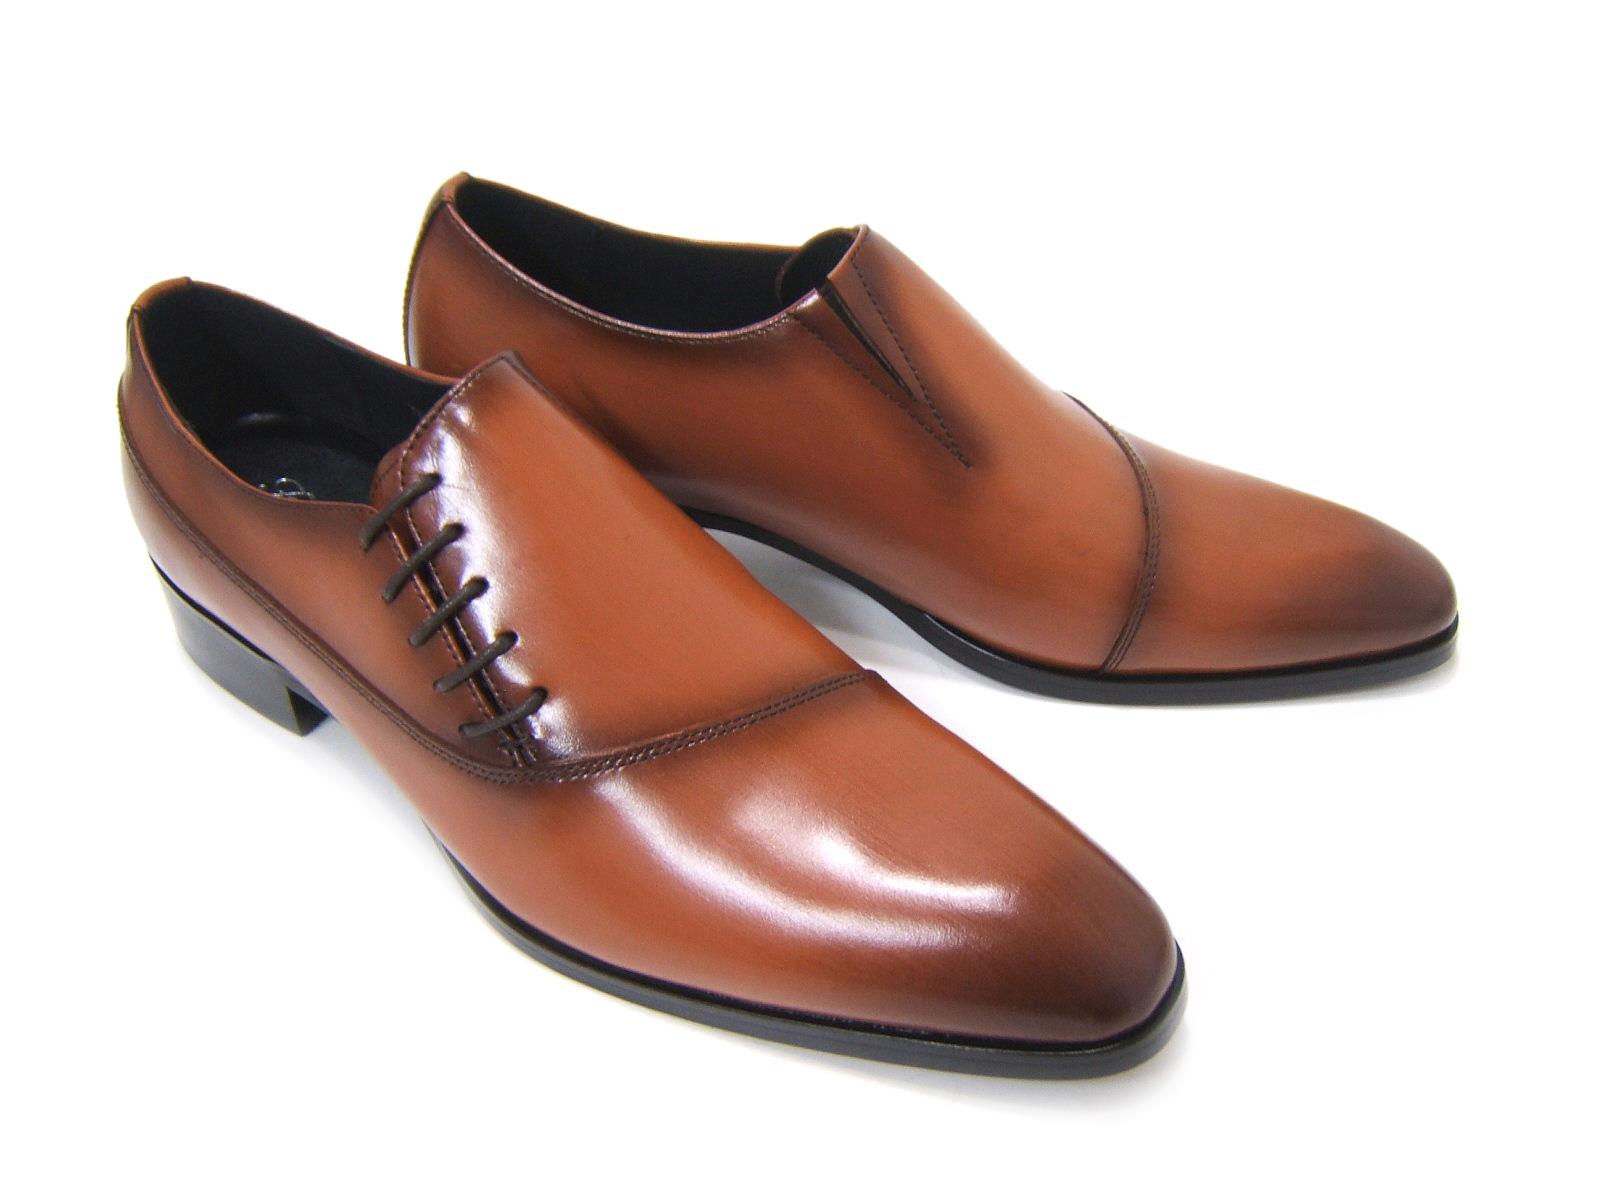 パーティーや結婚式♪艶やかで華がある足元を演出!フランコ ルッチ トラディショナル/FRANCO LUZ TRADITIONAL TH-57 キャメル 紳士靴 サイドレースアップ アーモンドトゥ 送料無料